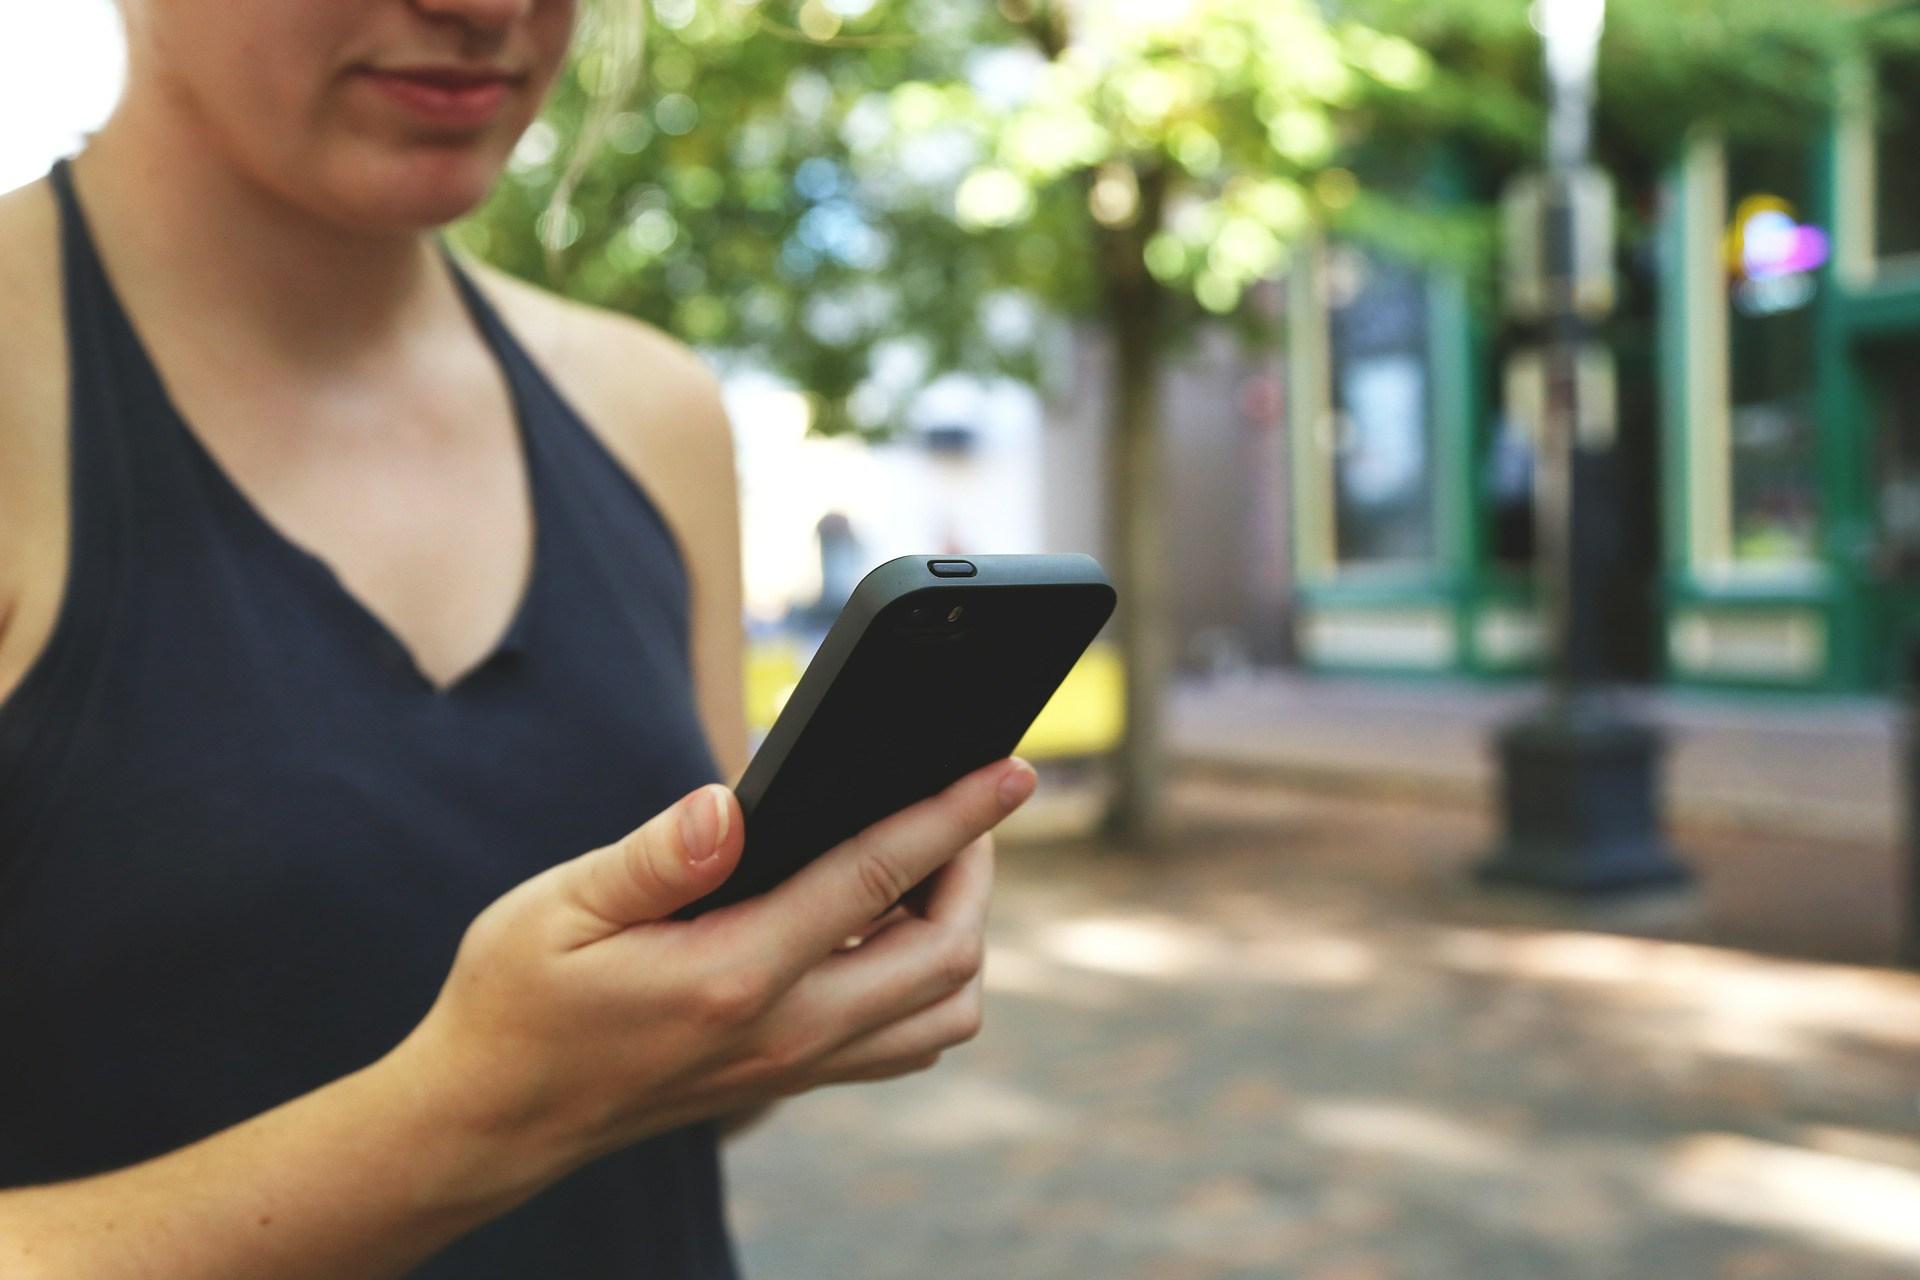 Tariffazione mensile sulle offerte cellulari: ecco quando tornerà